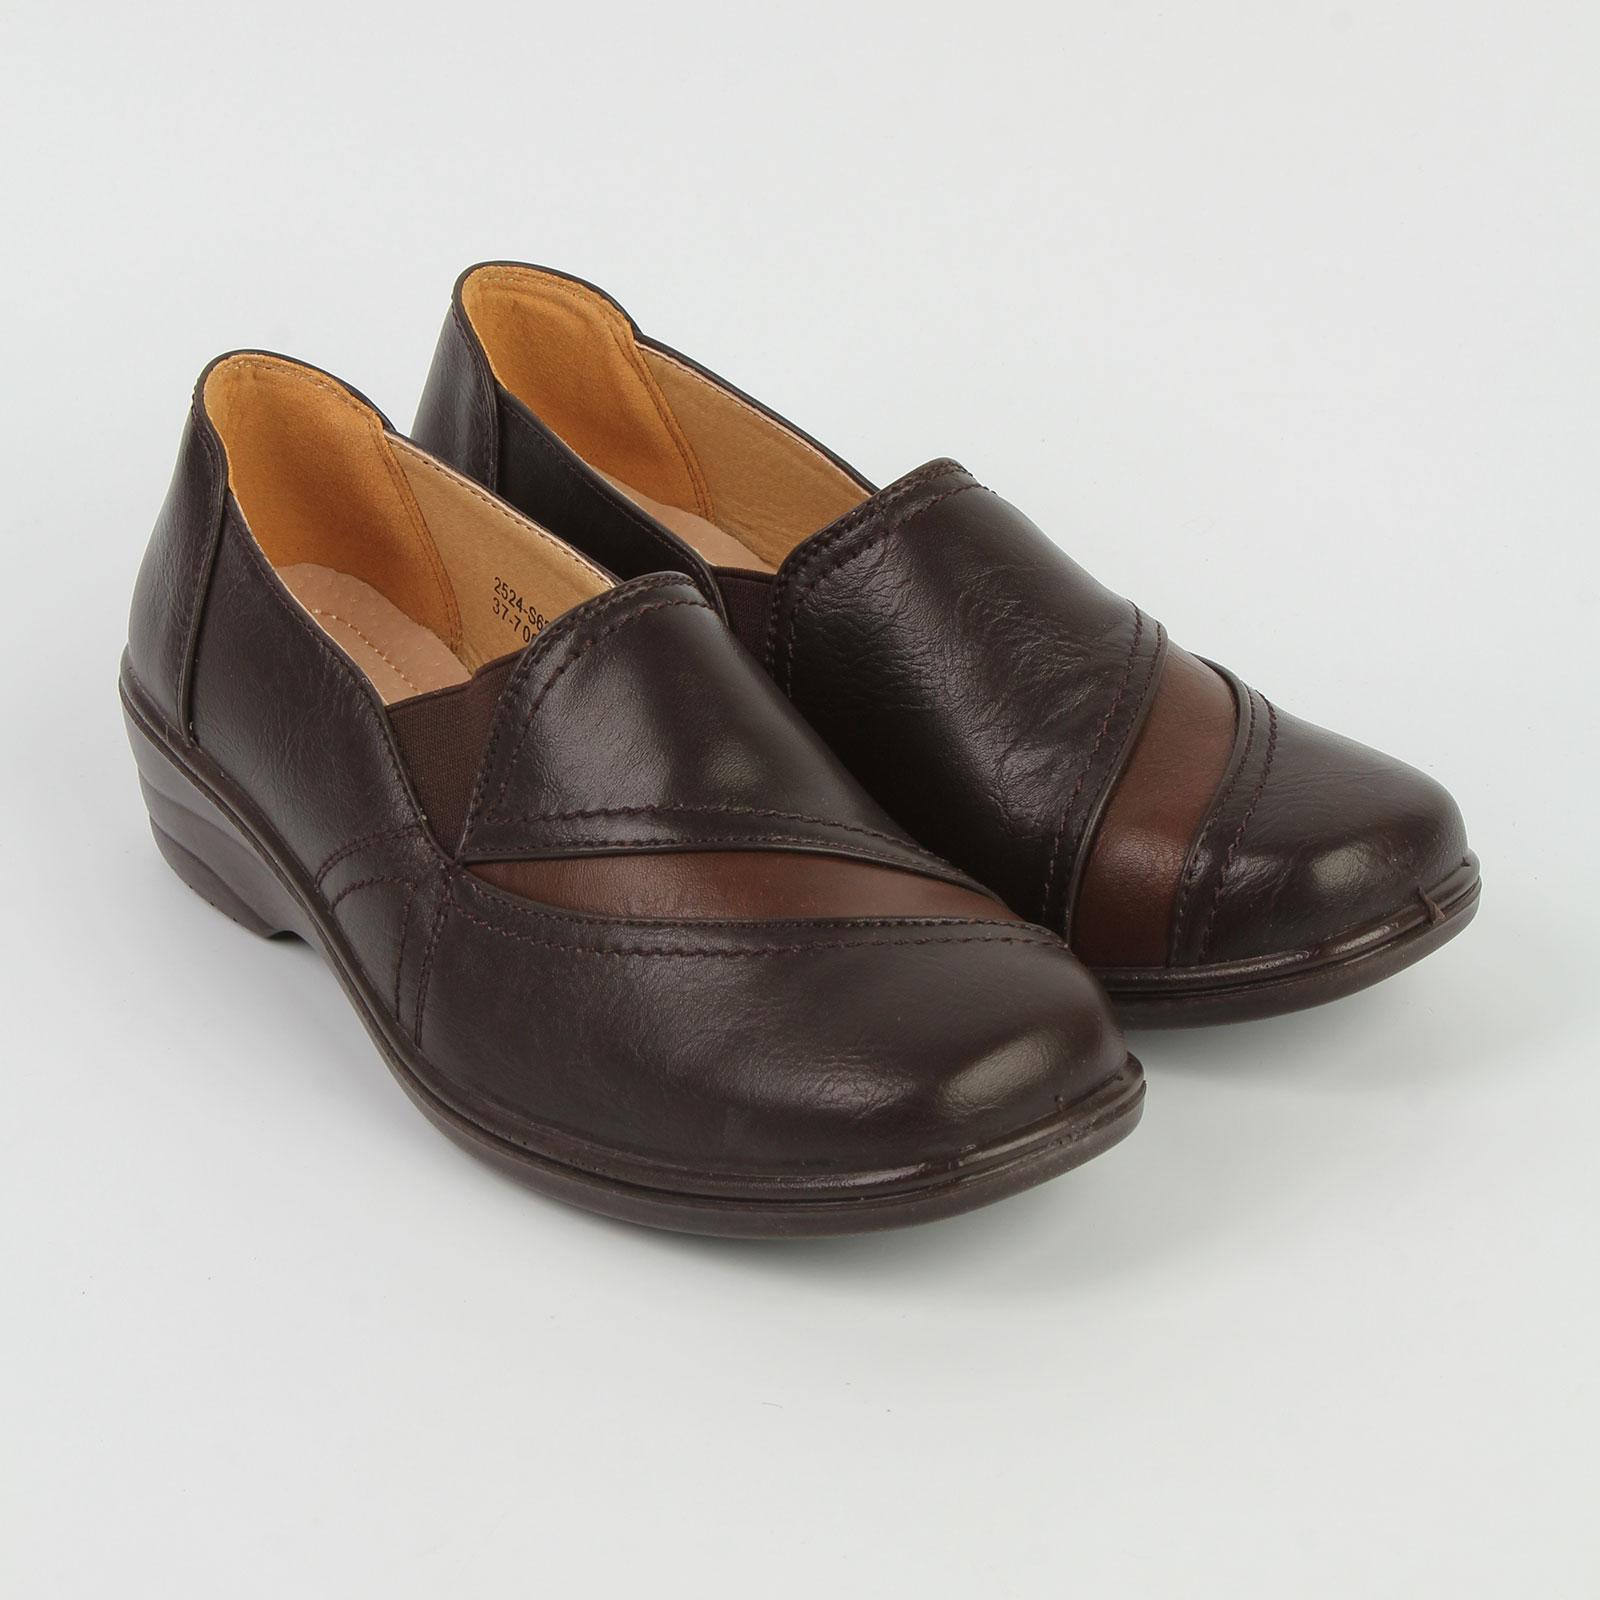 Туфли женские украшенные строчкой с эластичными вставками по бокам на танкетке